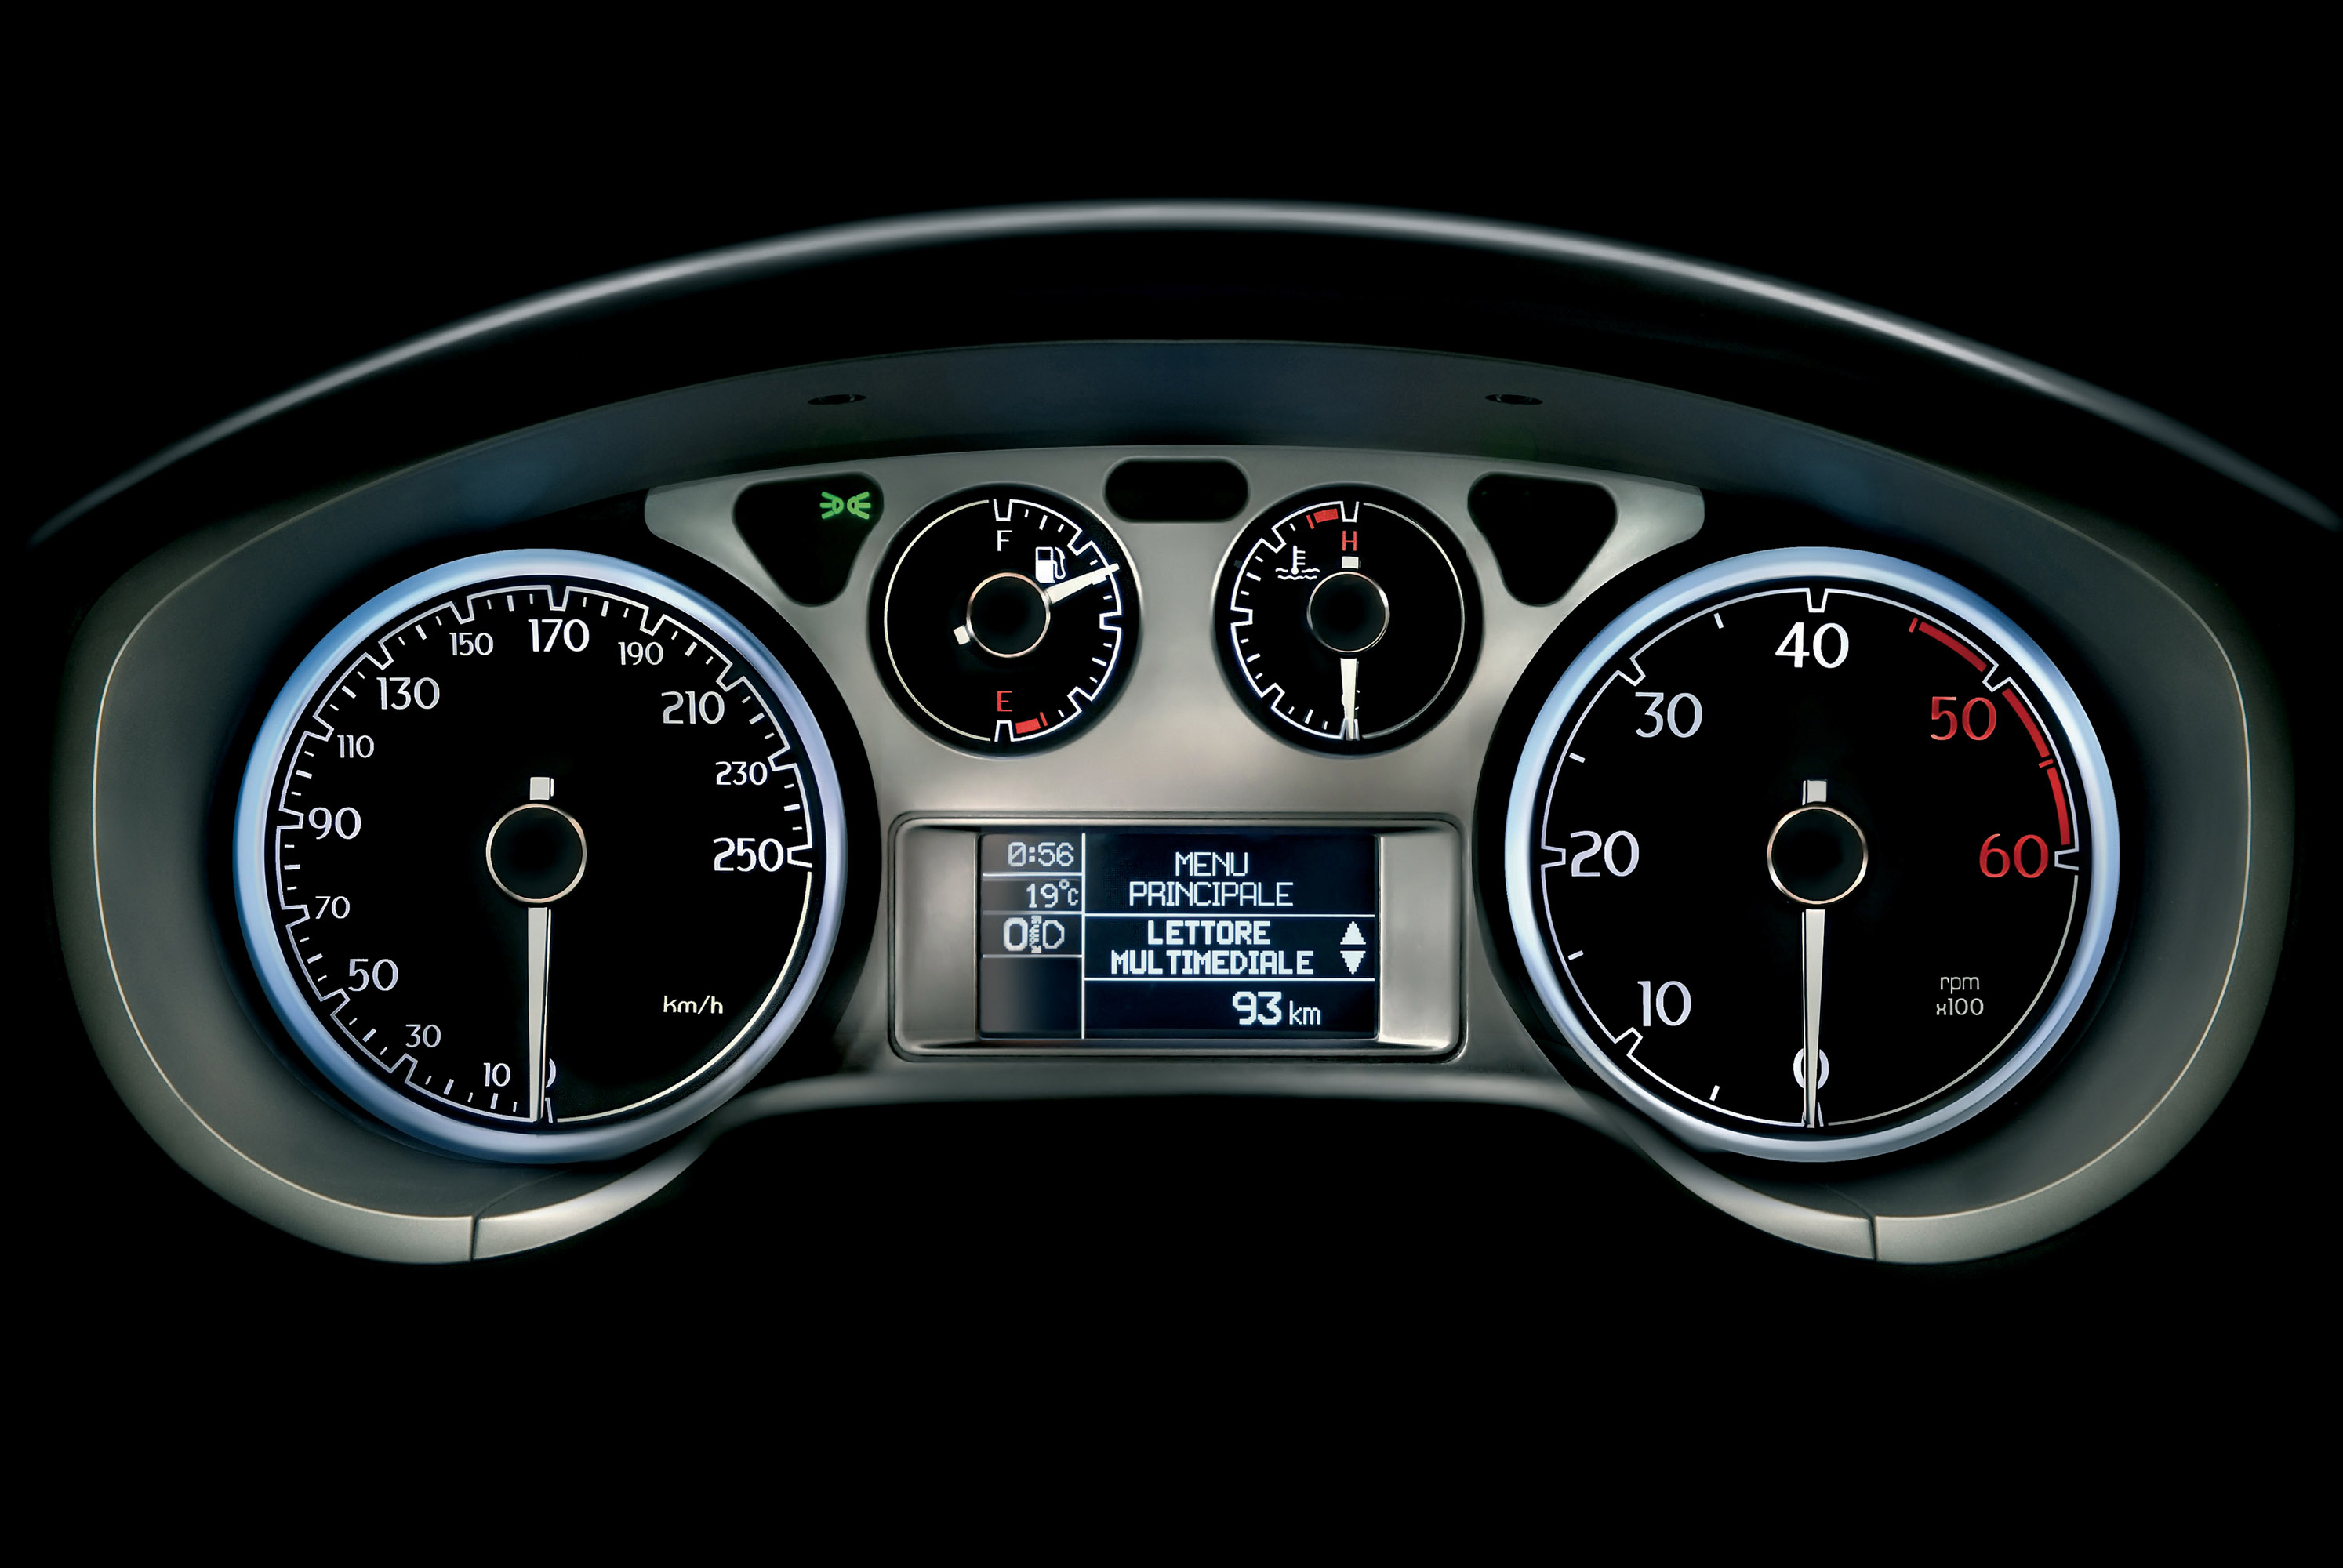 2009 Lancia Delta - Picture 8385